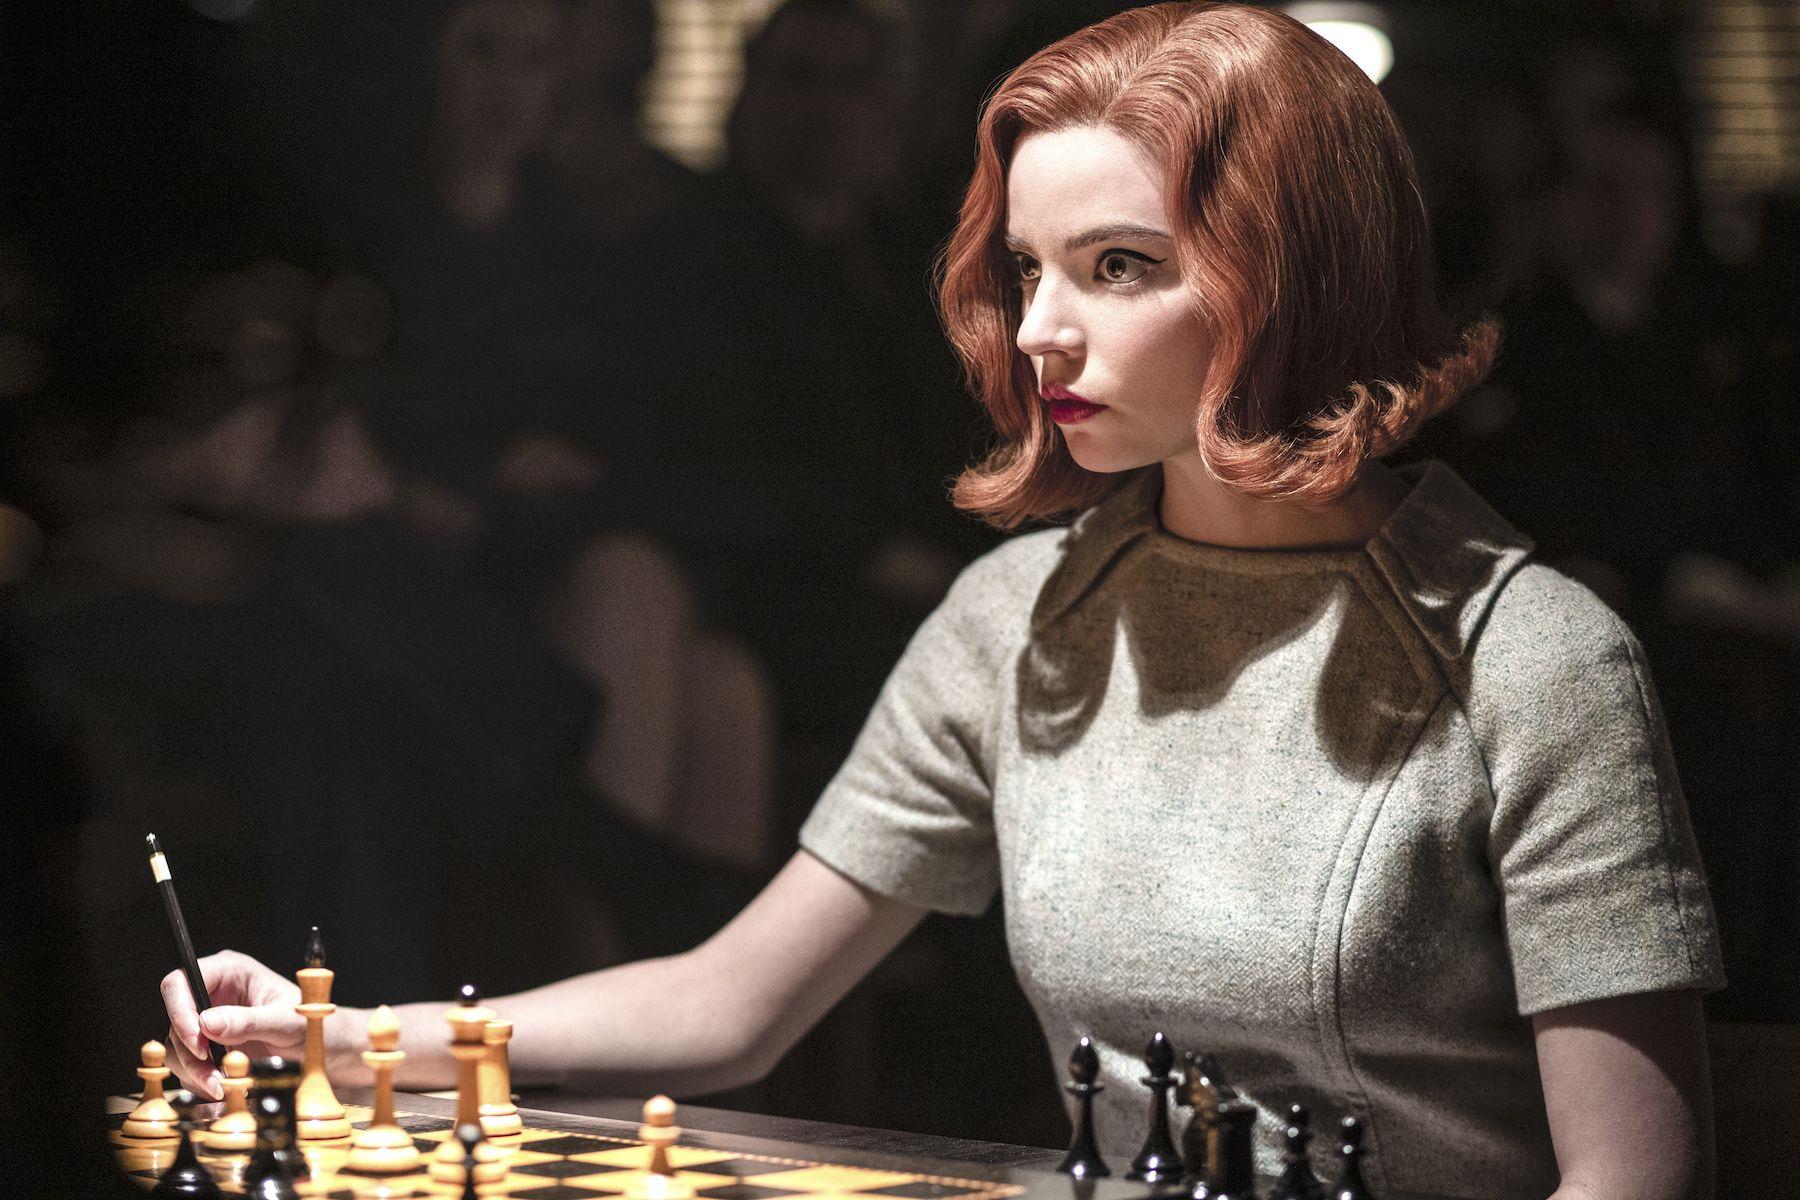 The Queen's Gambit' Season 2 - Release Date, Cast, Spoilers